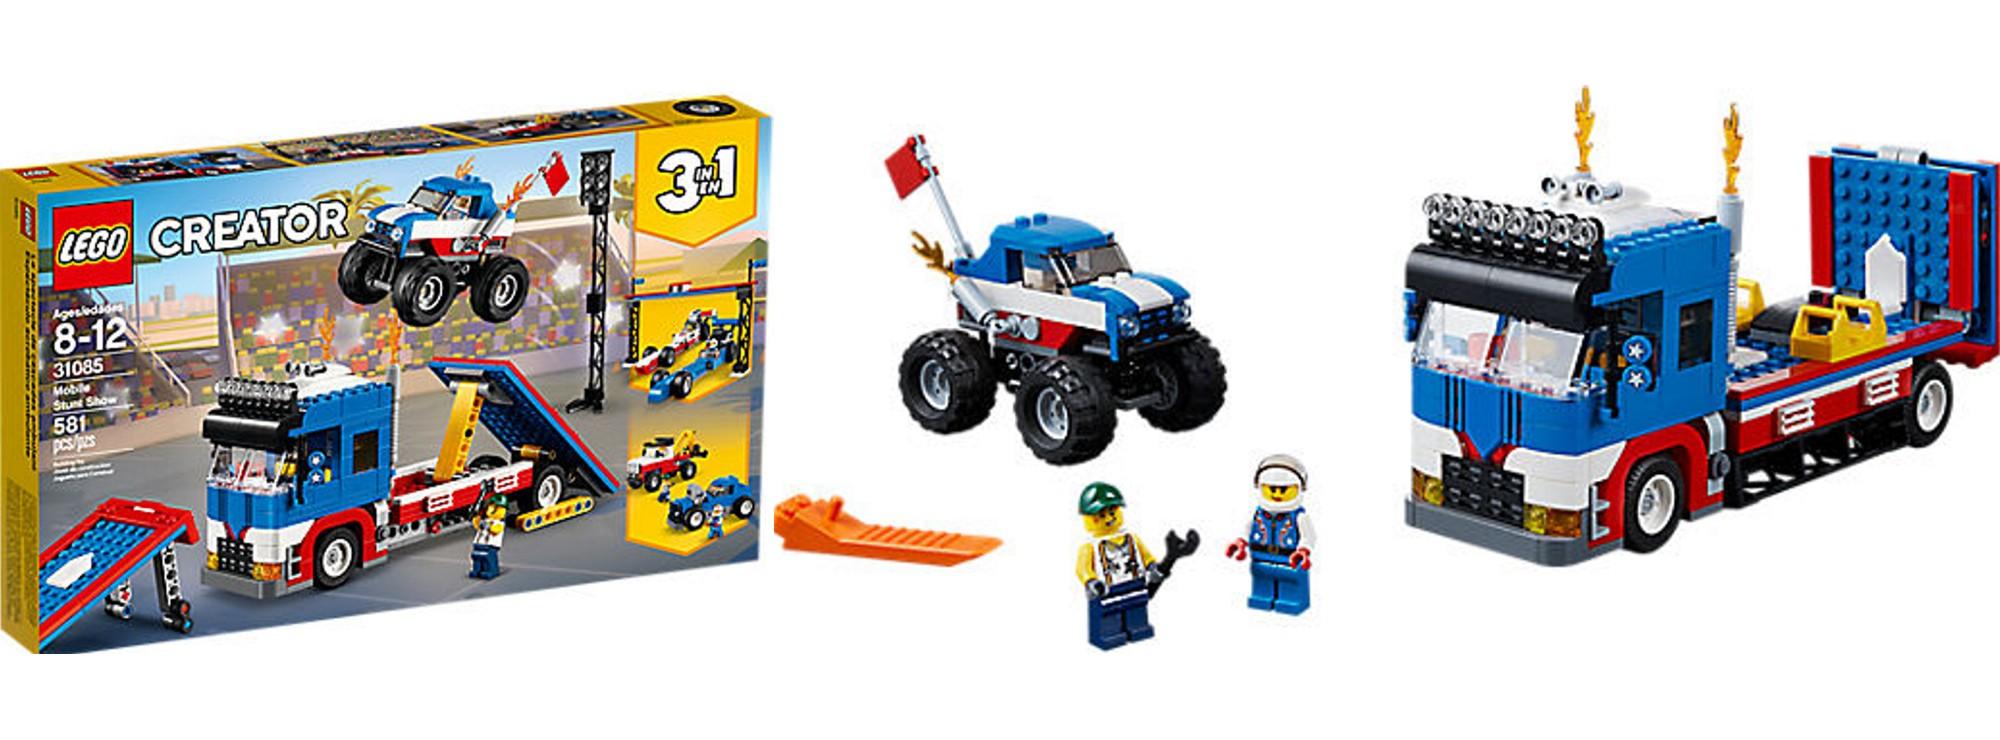 Baukästen & Konstruktion LEGO Creator Stunt-Truck-Transporter 31085 LEGO Bausteine & Bauzubehör